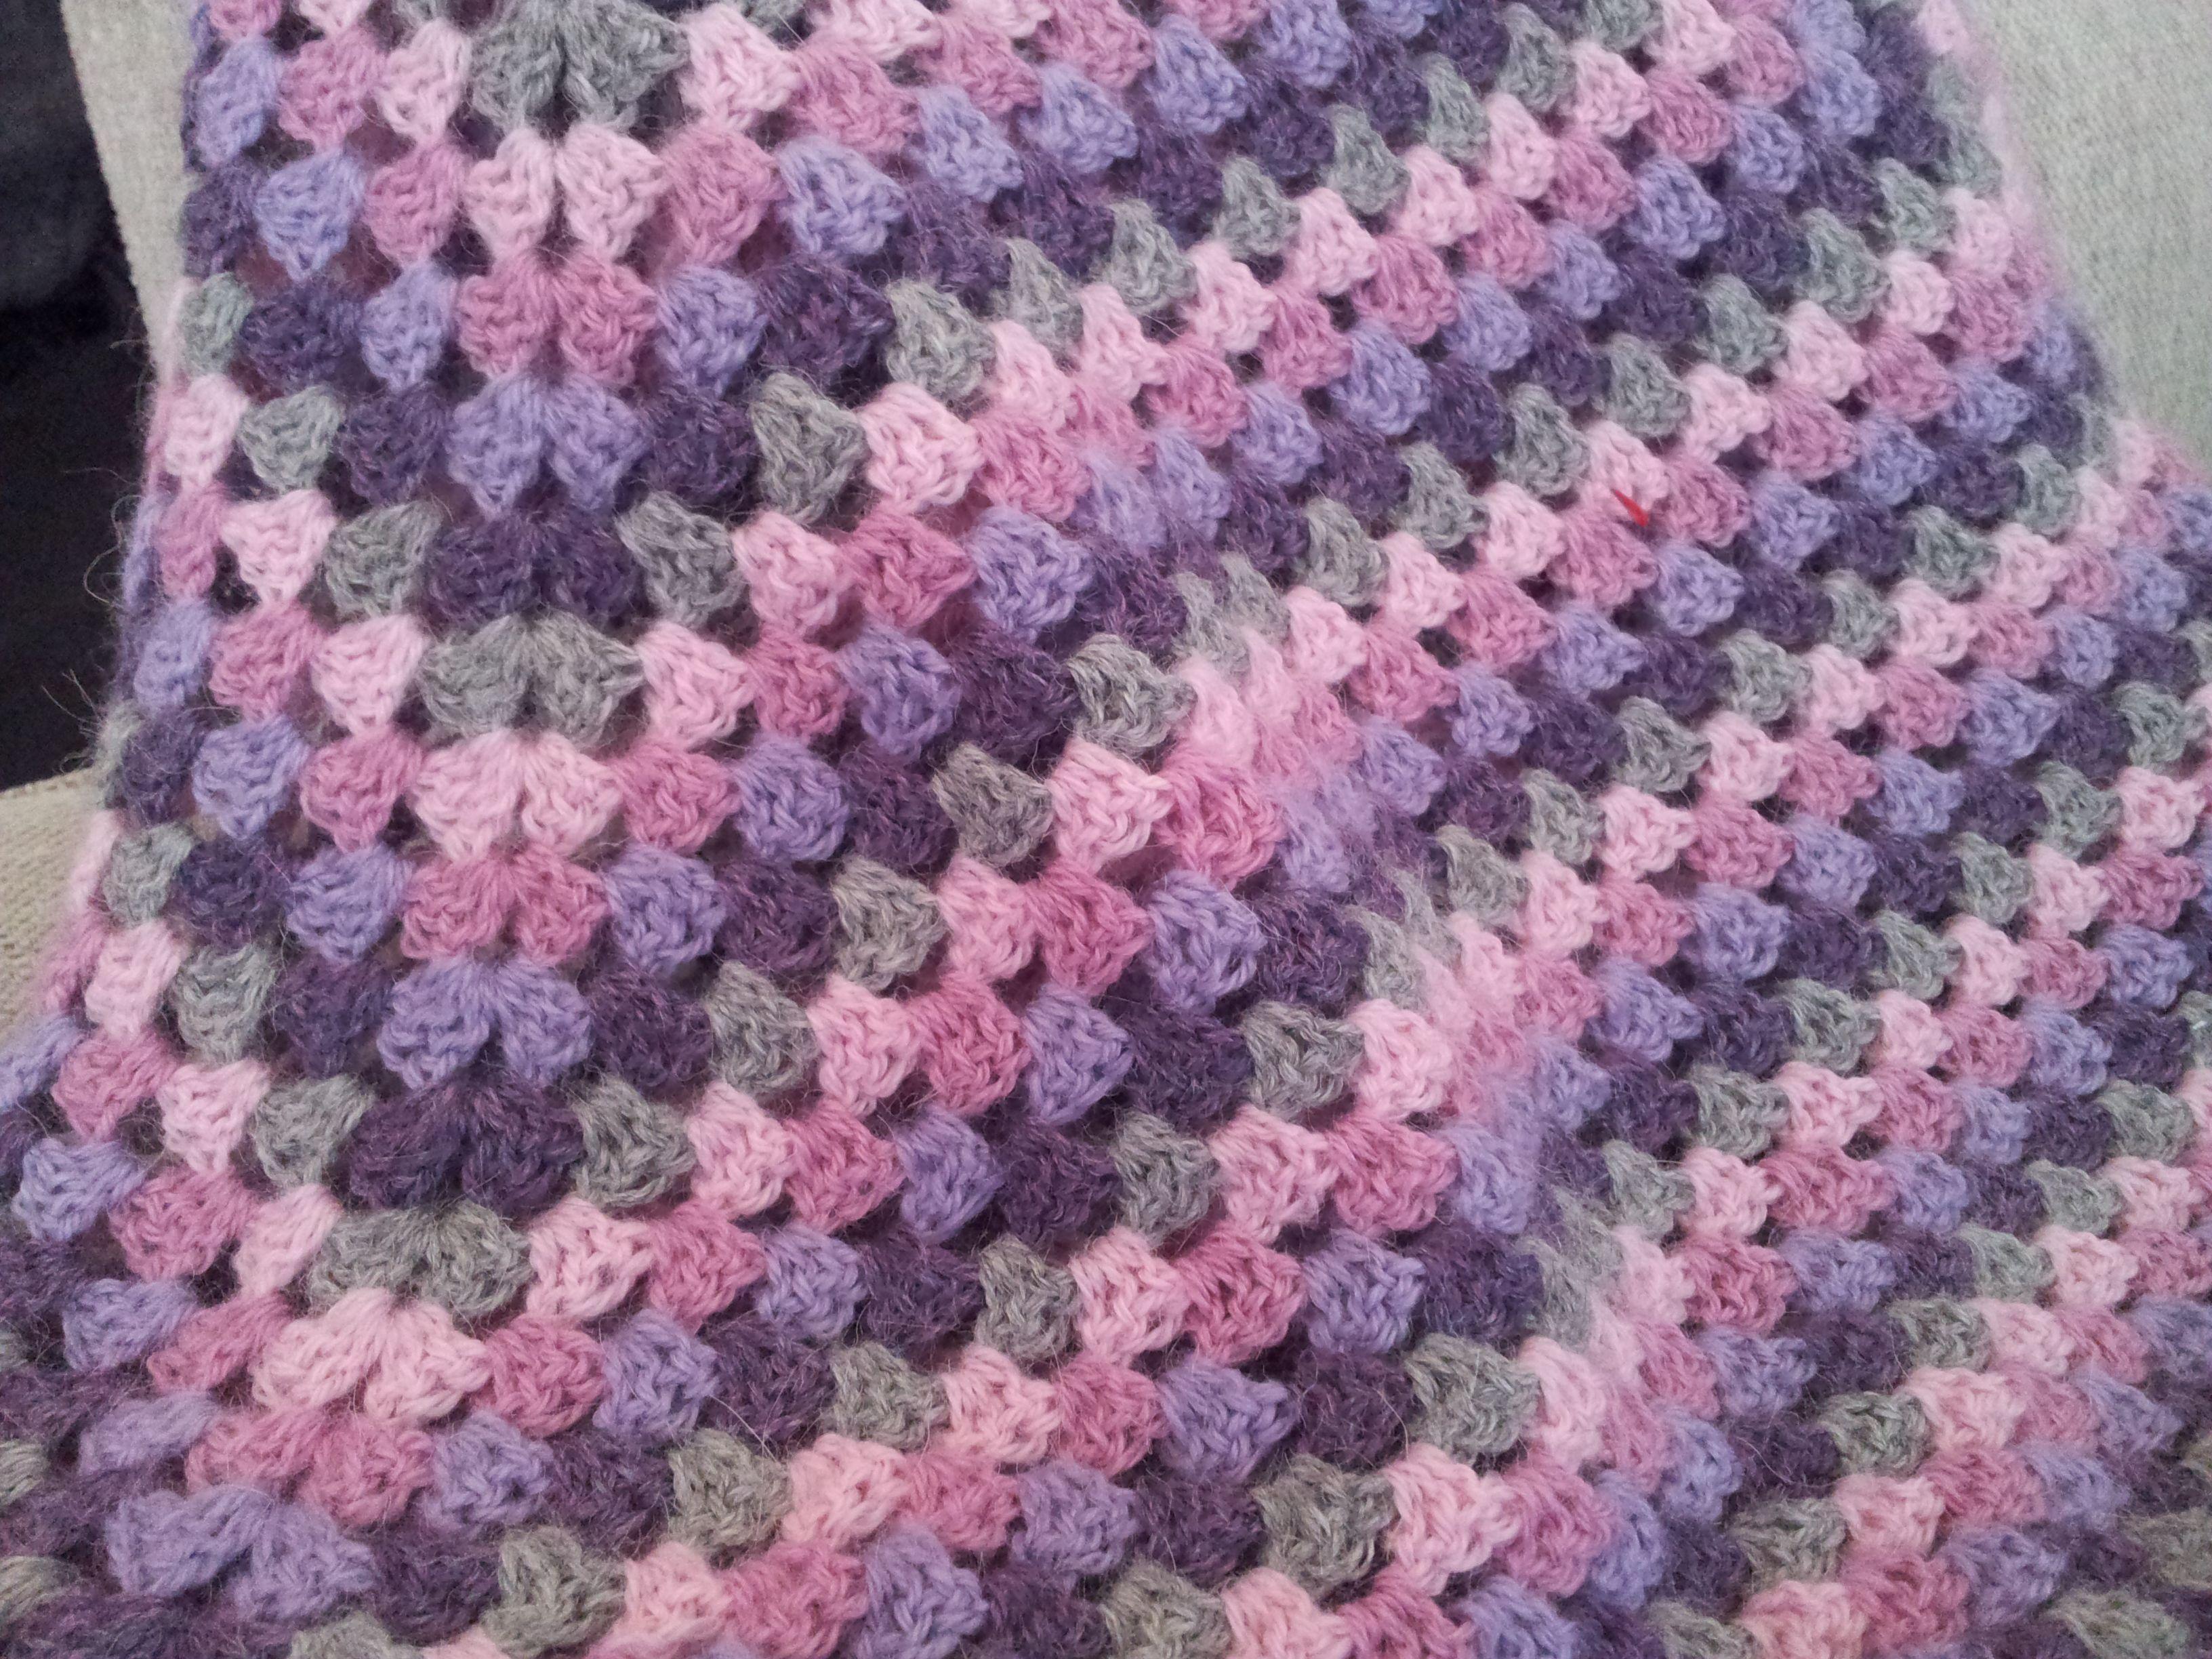 Homemade Never Ending Granny Square Pattern From Mickey S E Book On Never Ending Gr Crochet Patterns Free Blanket Granny Square Crochet Granny Square Blanket